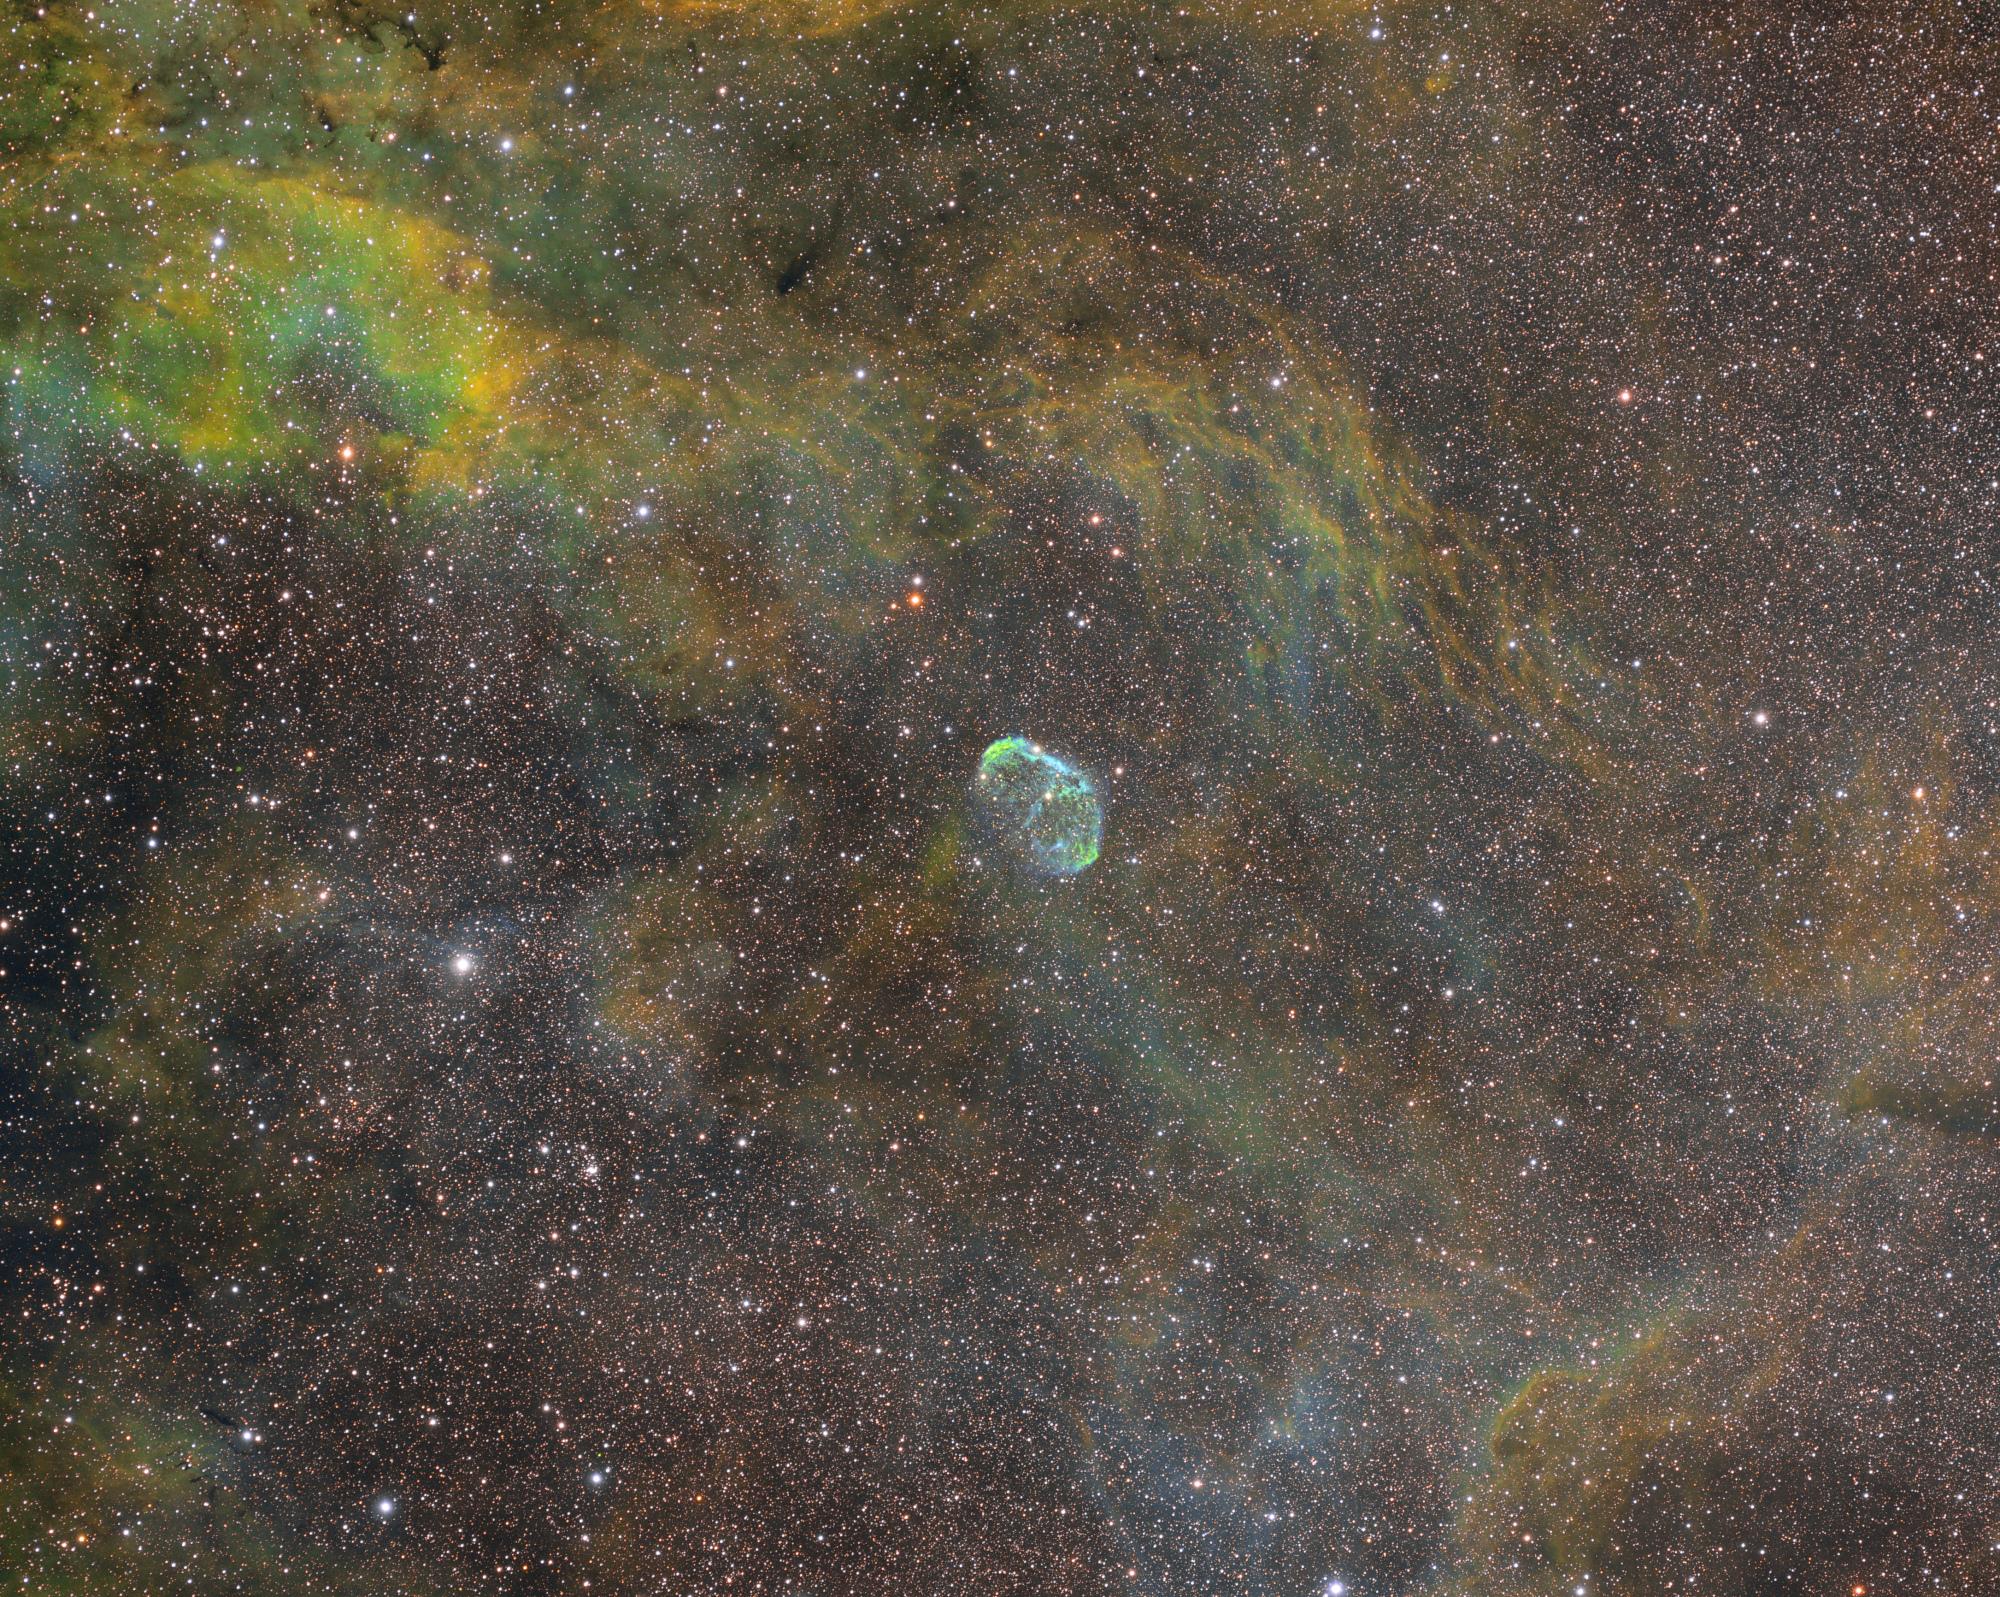 NGC6888-SHO-SHO-V1.thumb.jpg.0a3d209c301a2e6addb7d4c0cdc3c16d.jpg